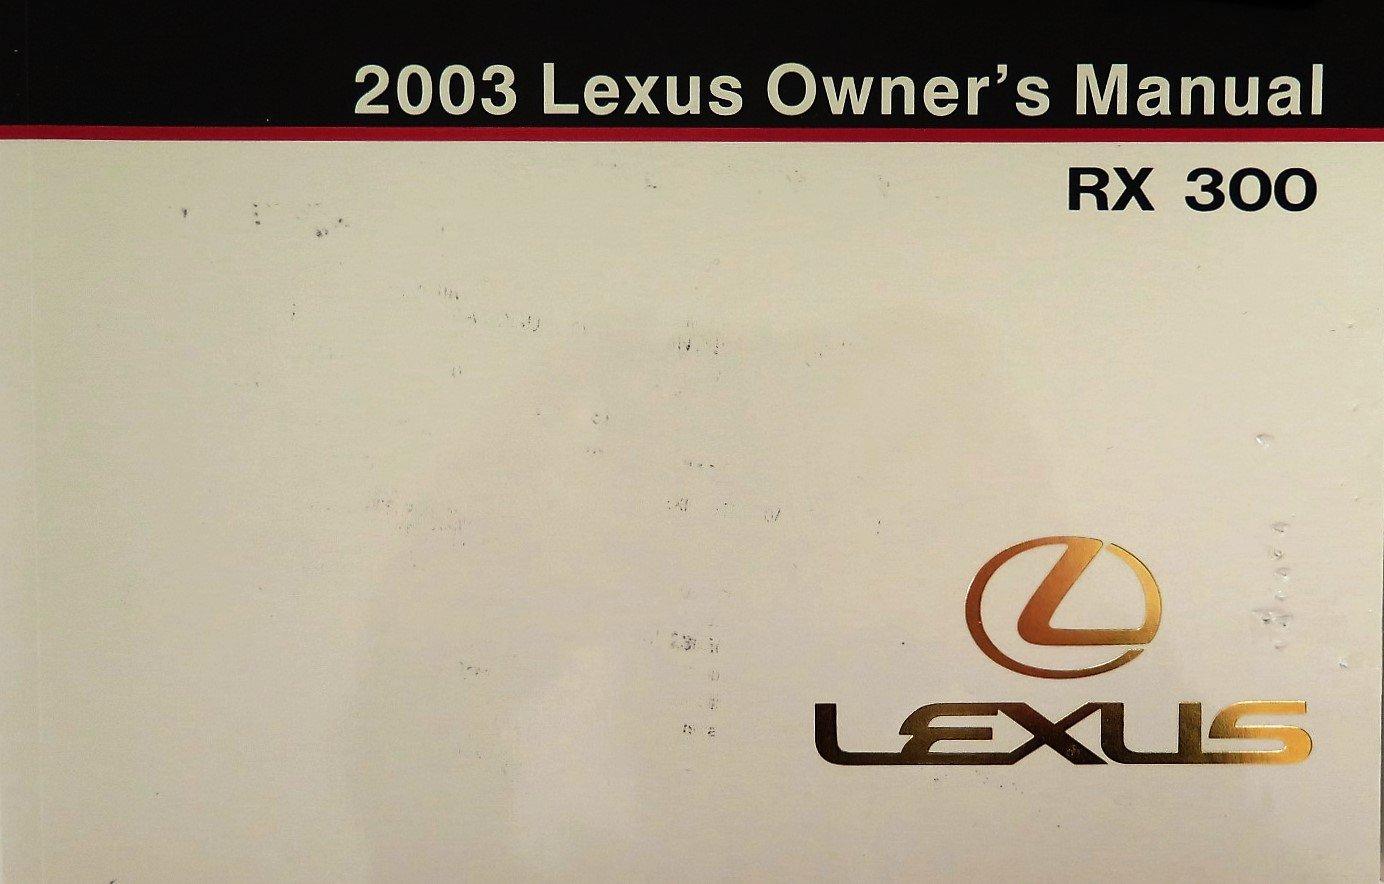 amazon com 2003 lexus rx 300 owners manual guide book automotive rh amazon com 2003 lexus rx300 manual pdf 2003 lexus rx300 repair manual